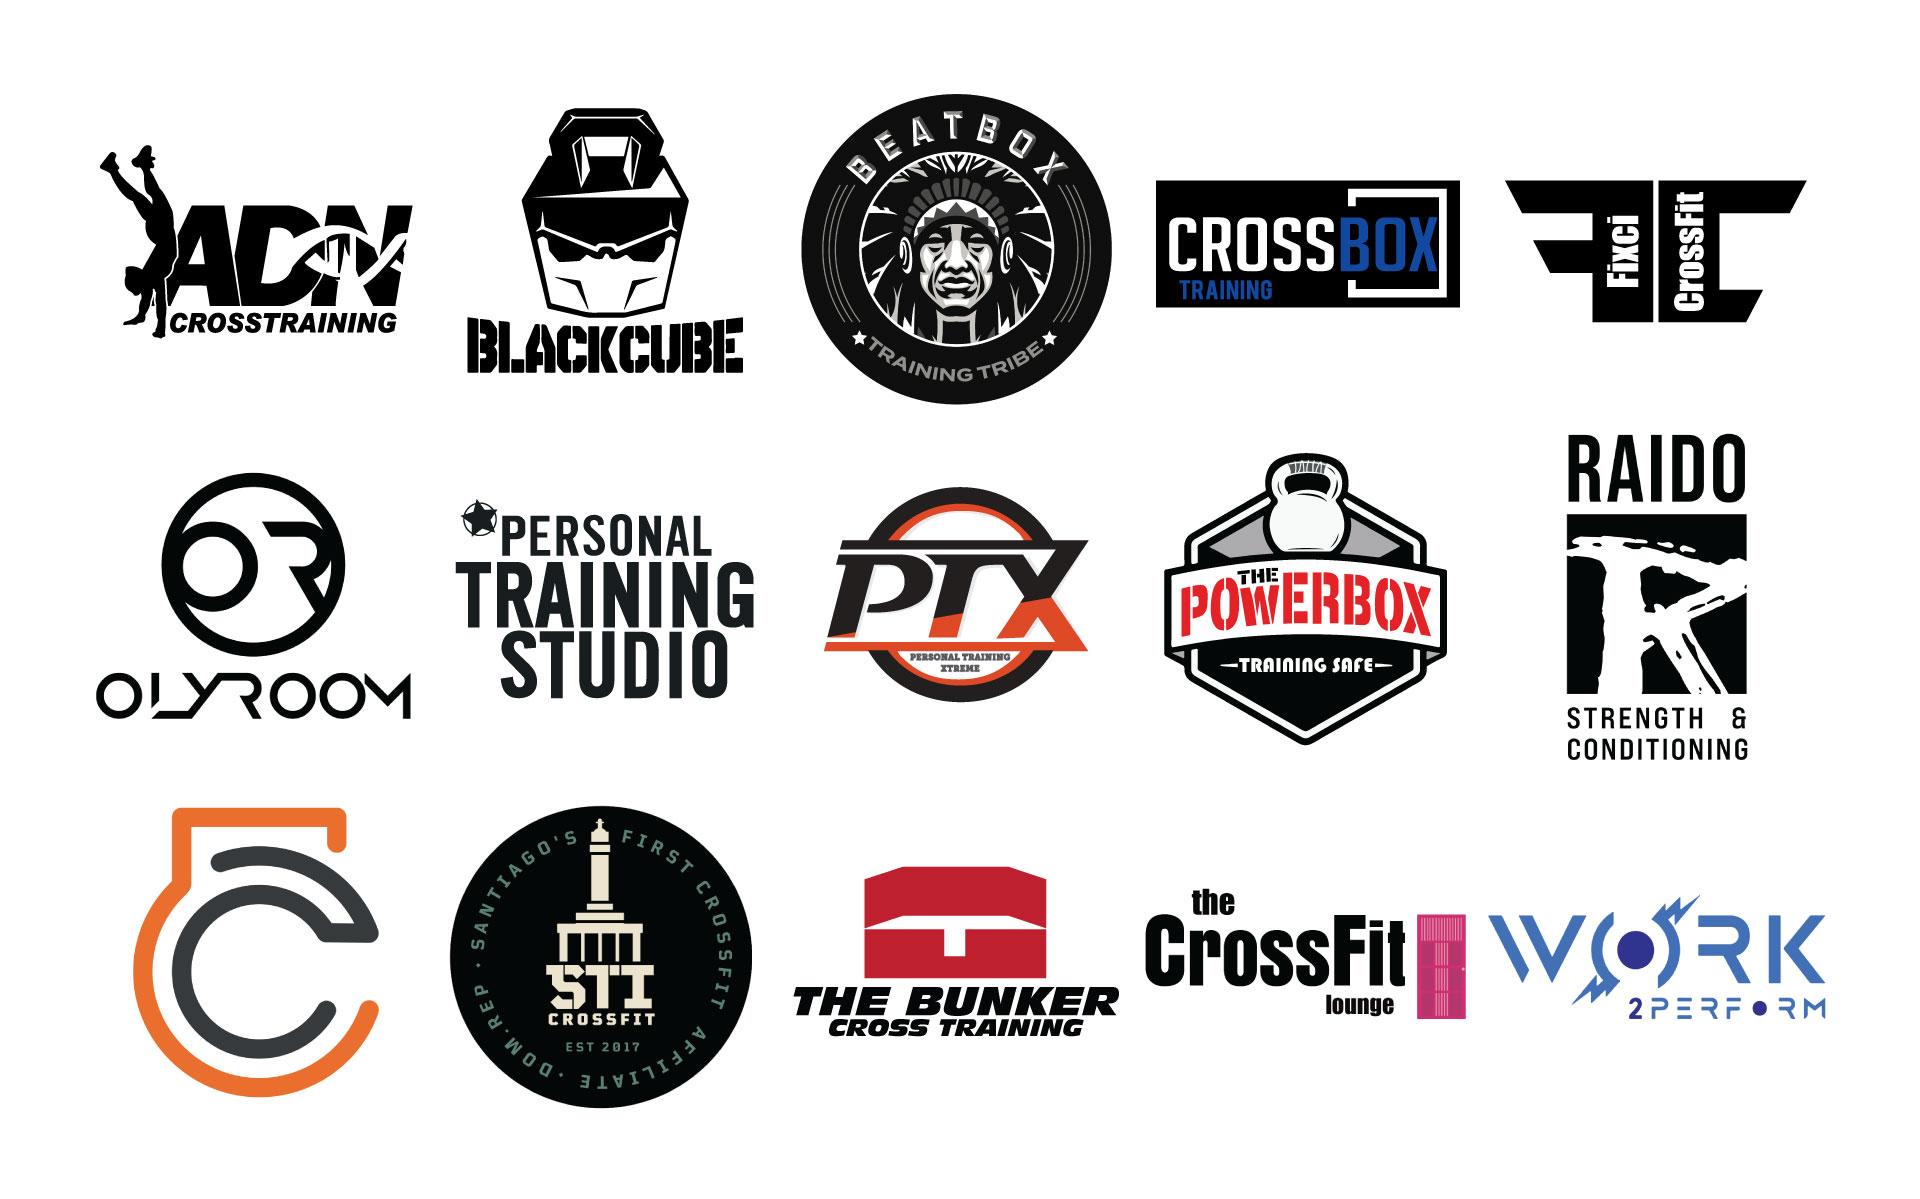 Cross Training y CrossFit piden revisión de medidas sanitarias